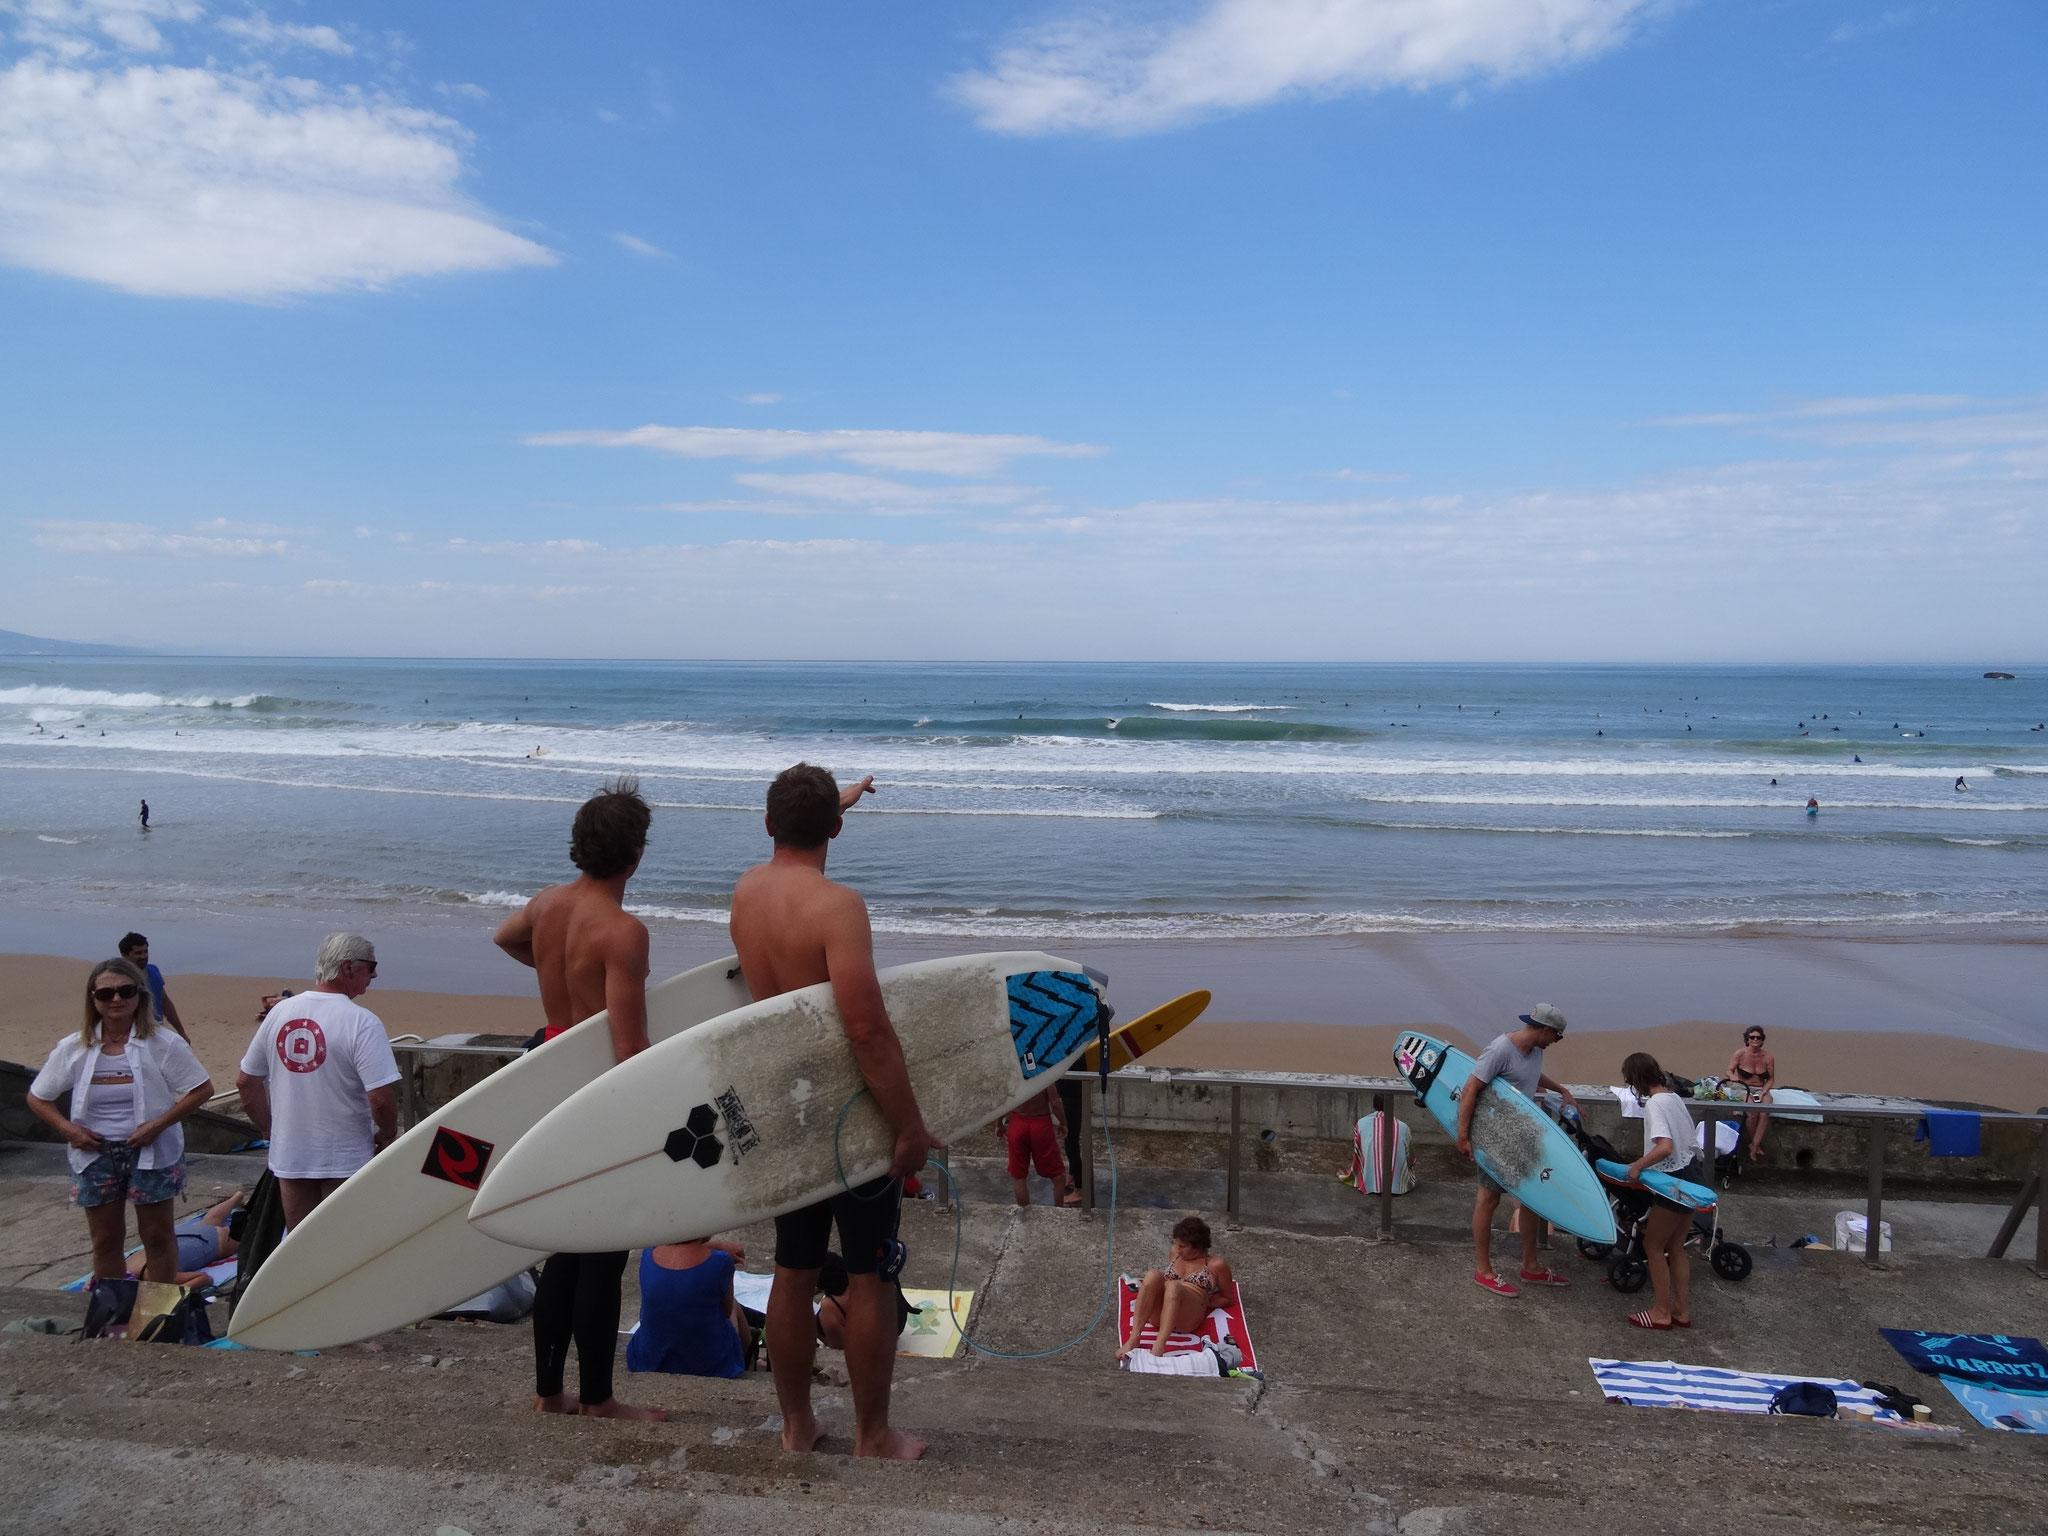 Bild: am Strand von Biarritz